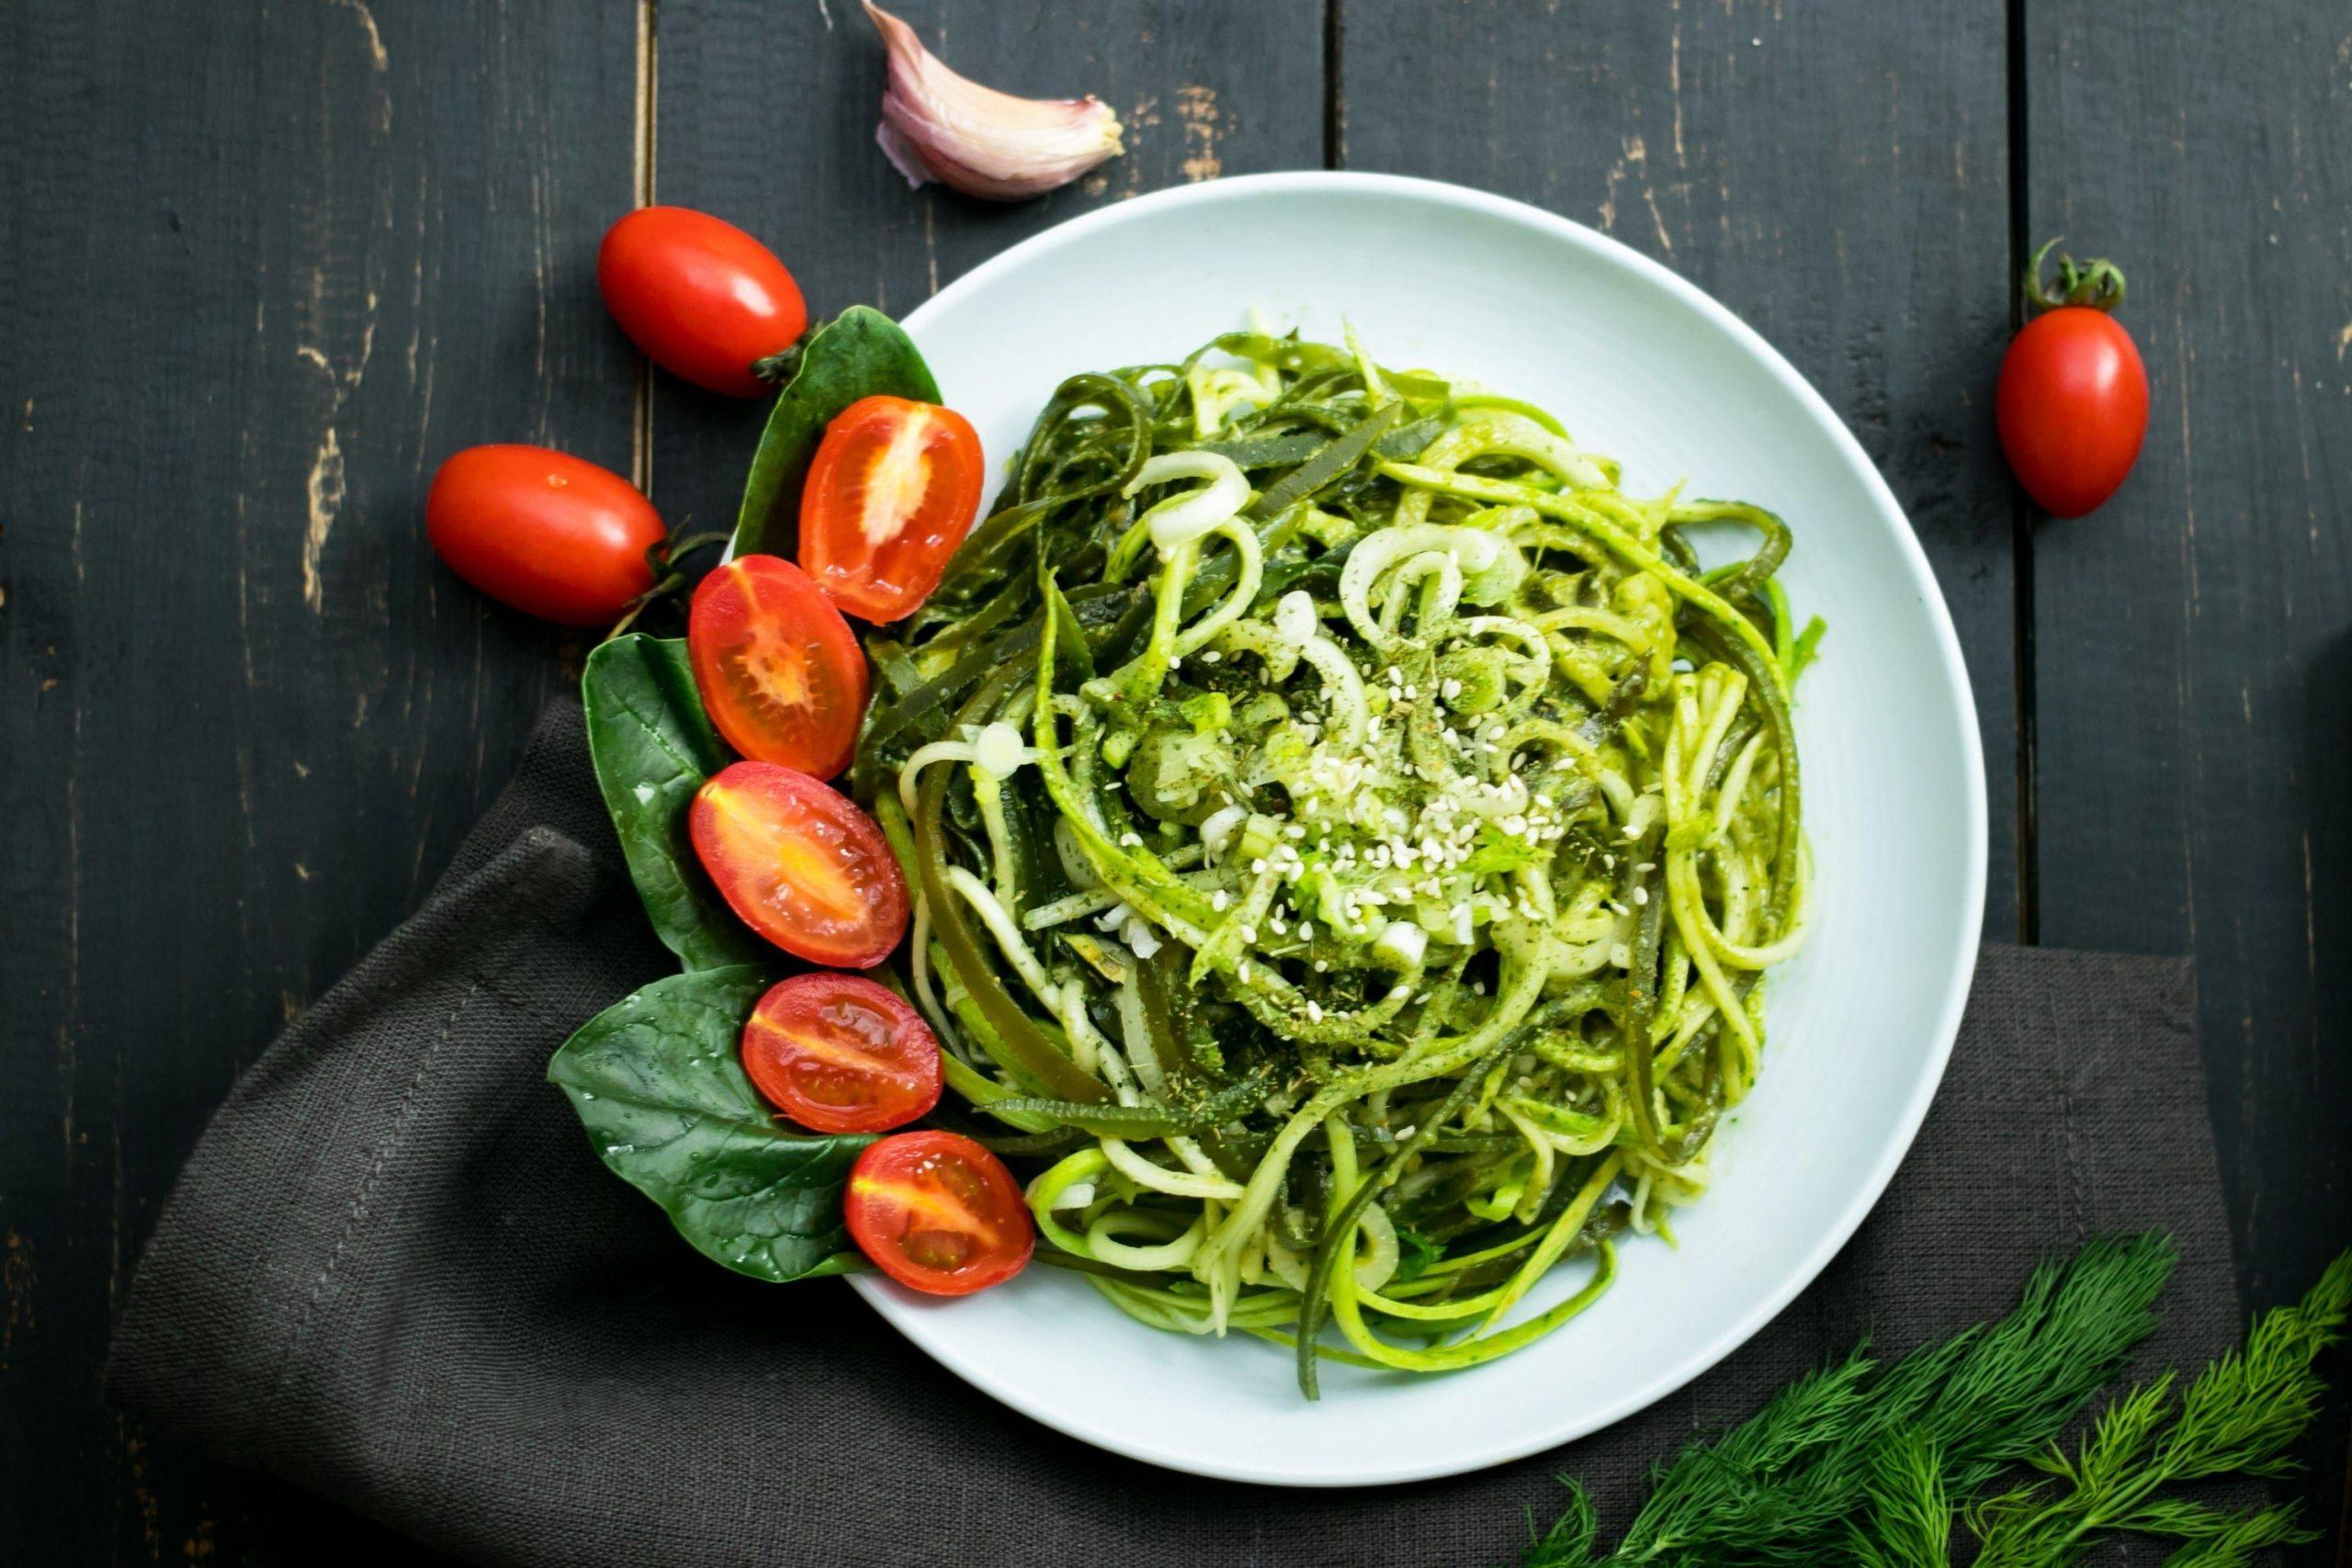 Photo of Prueba a cocinar espaguetis de calabaza para una cena baja en carbohidratos.